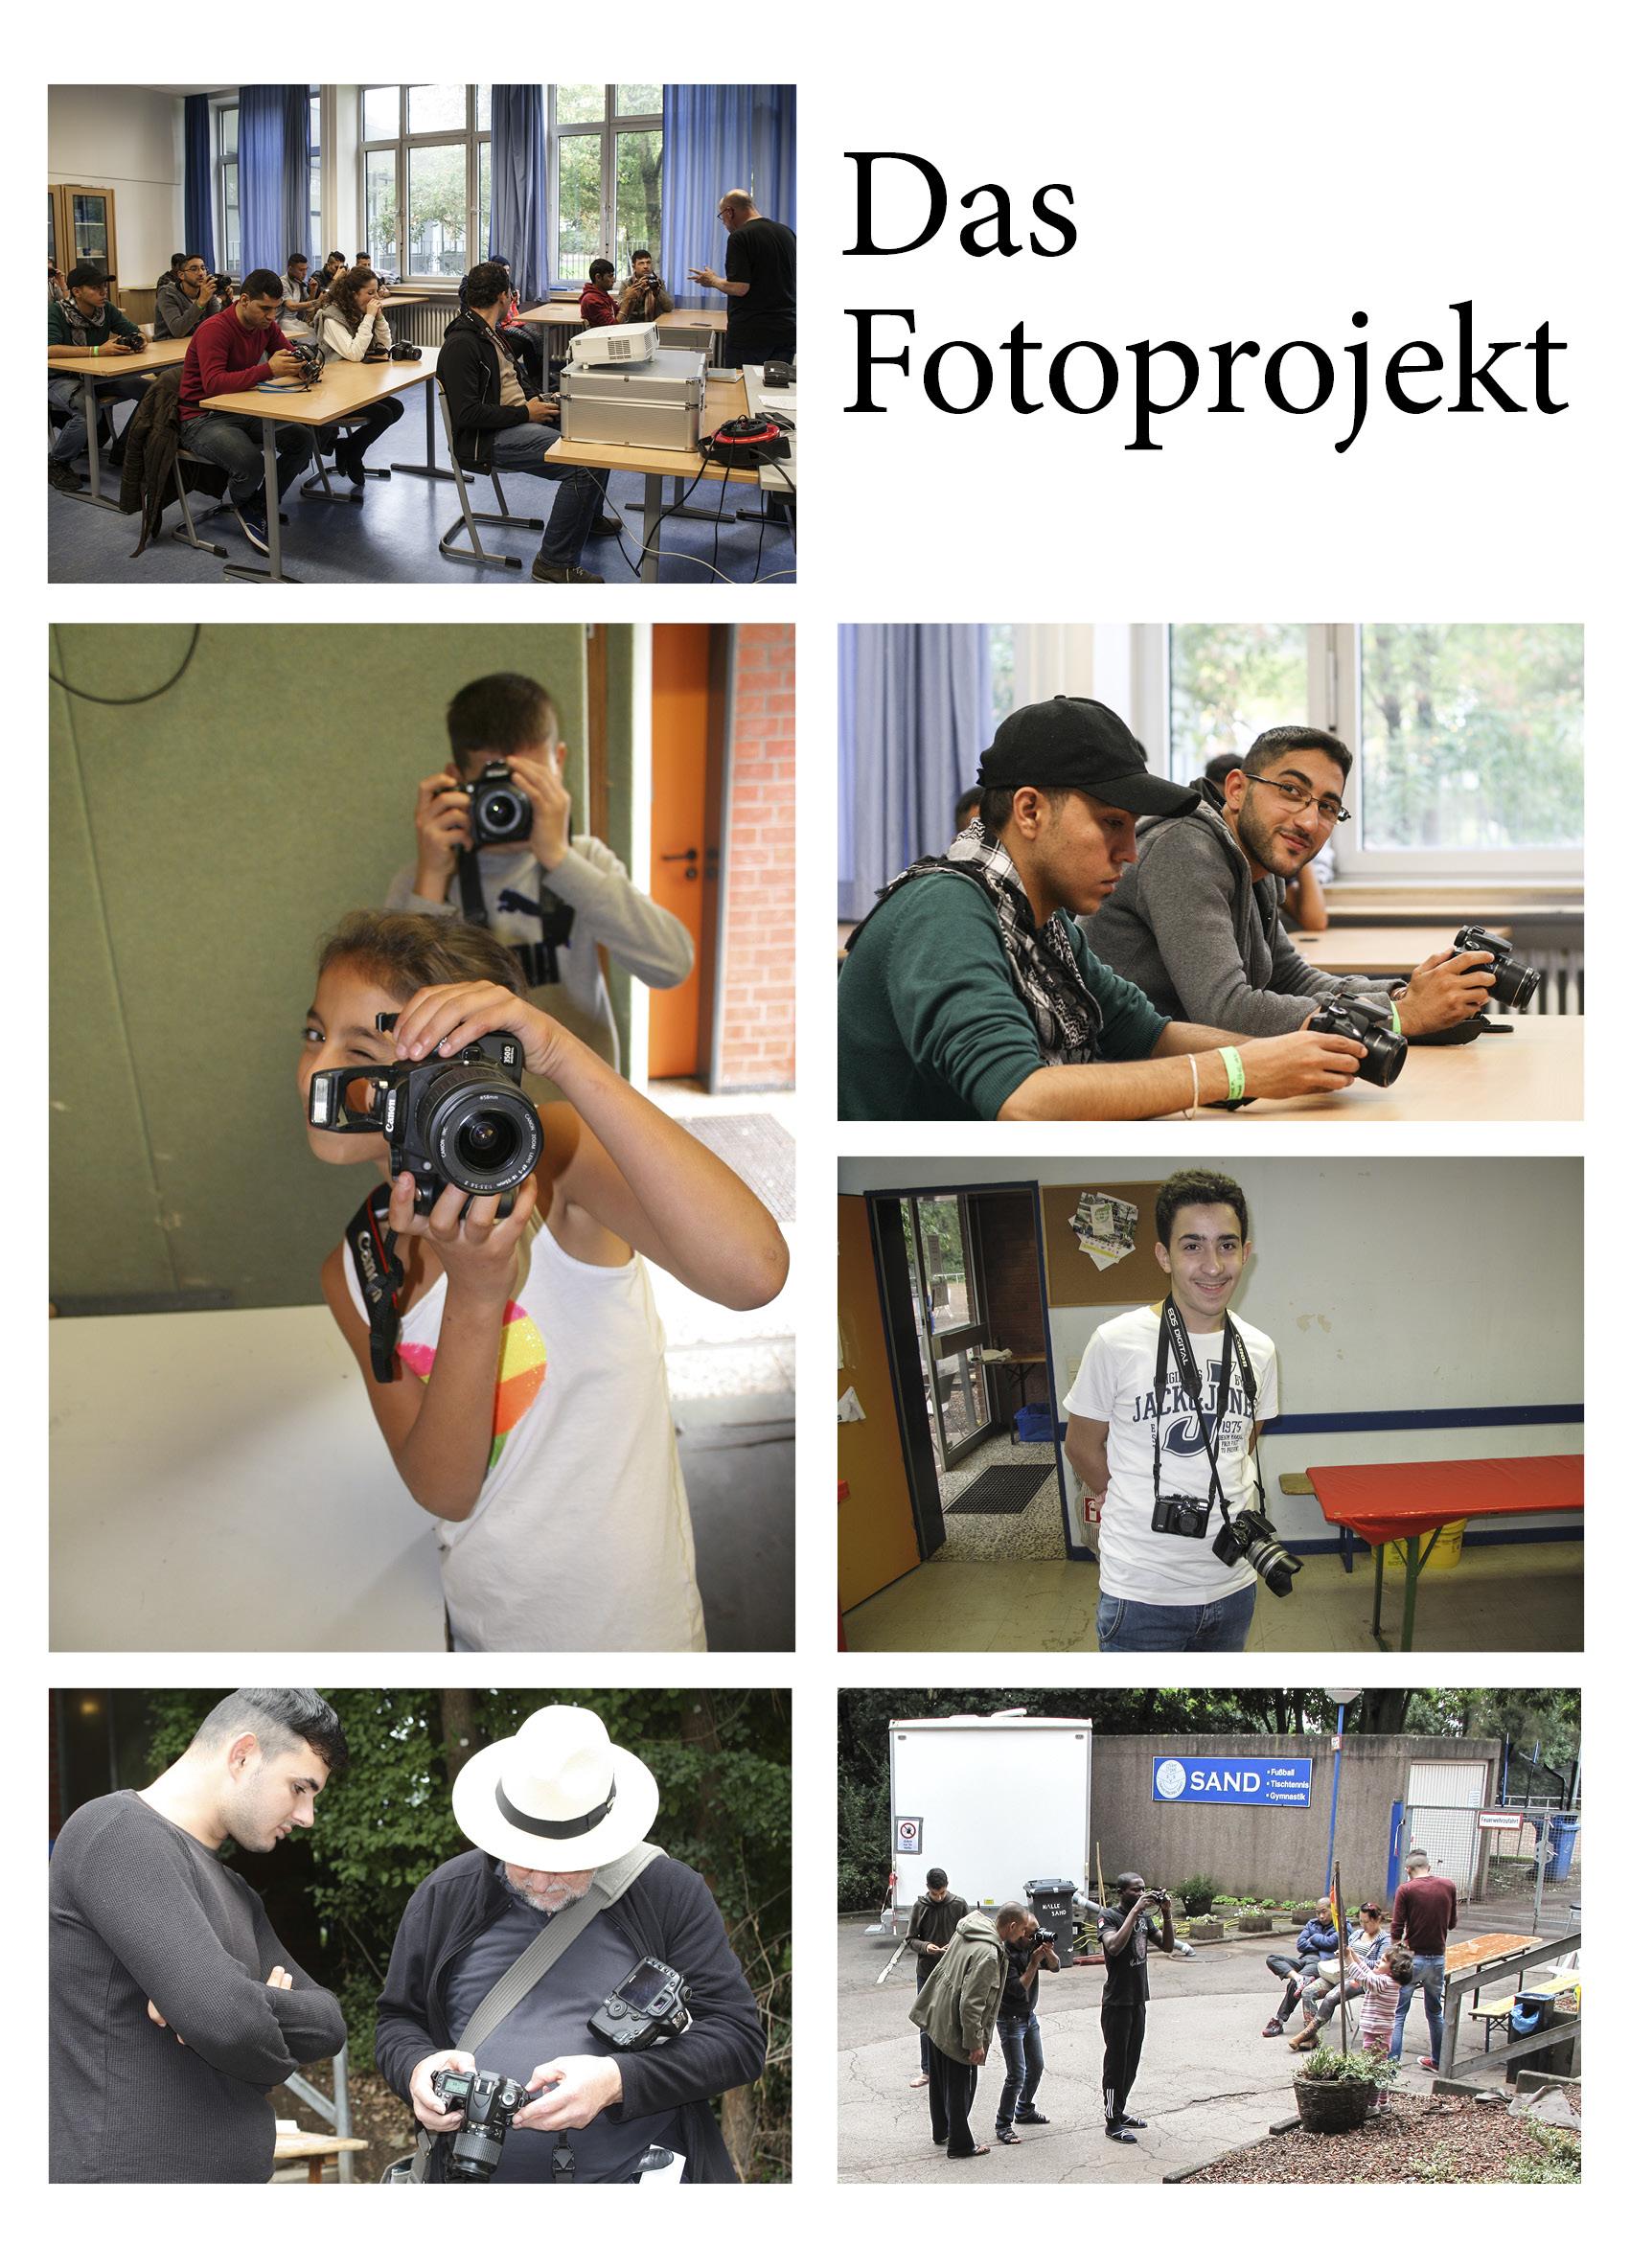 fotoprojekt 1